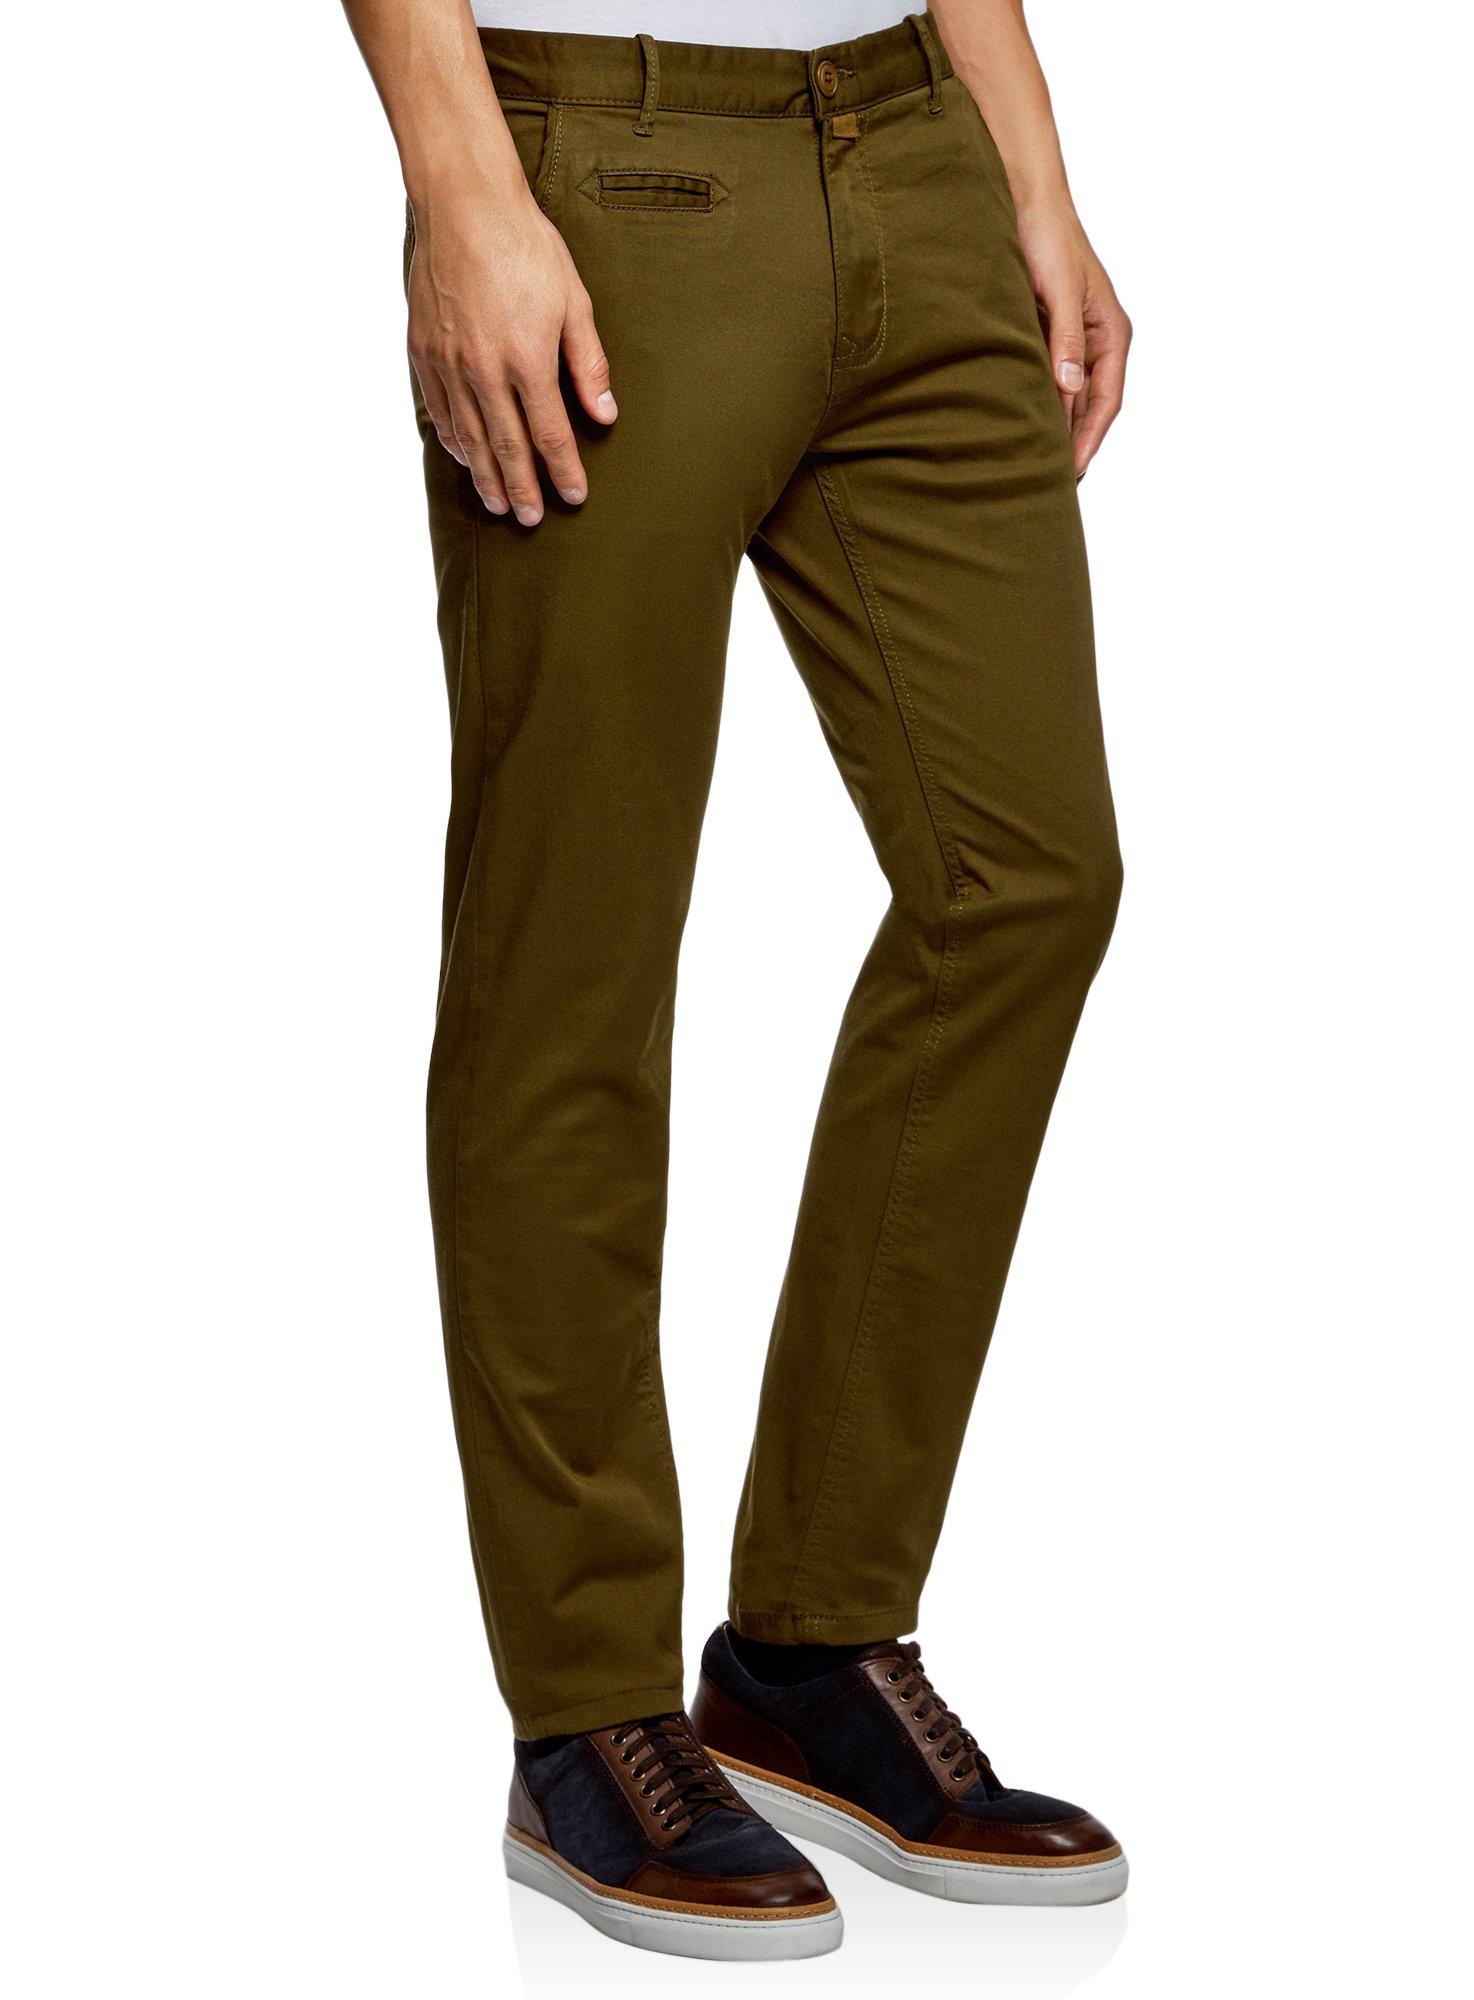 d6c4285023 Mejor valorados en Pantalones para hombre   Opiniones útiles de ...